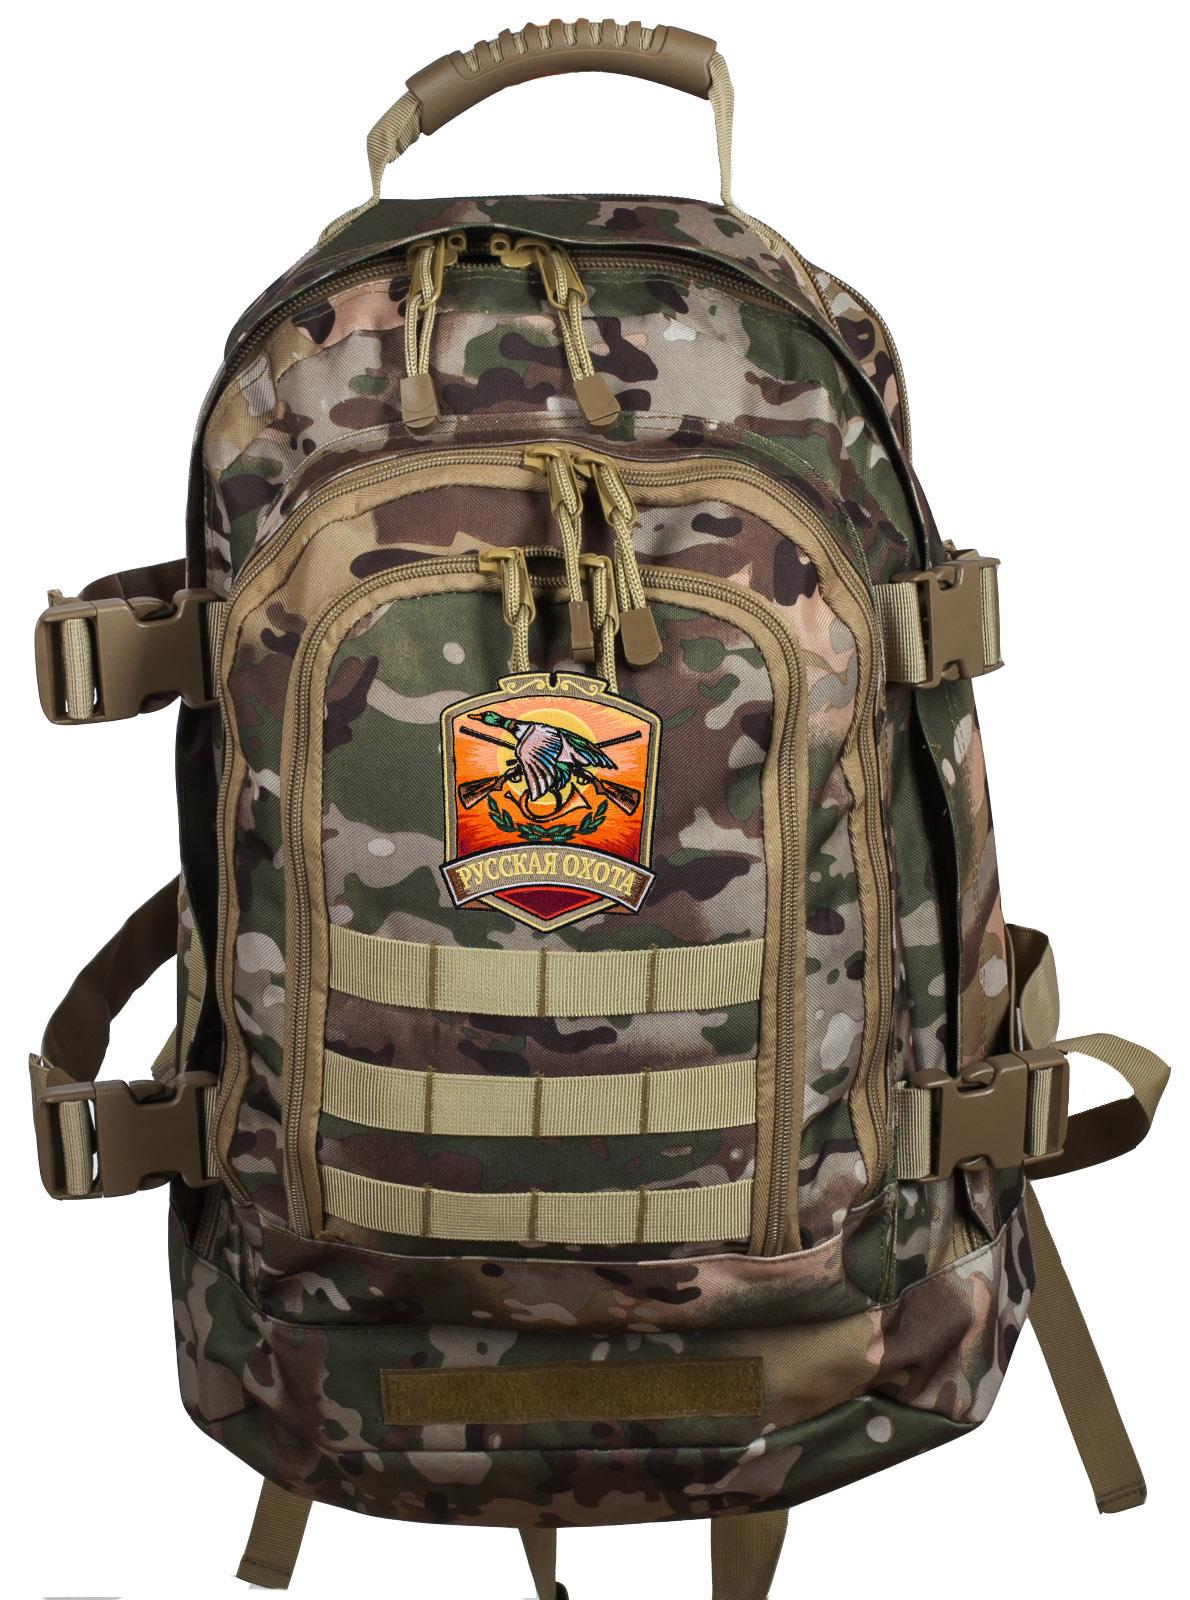 Камуфляжный трехдневный рюкзак с нашивкой Русская Охота - купить с доставкой